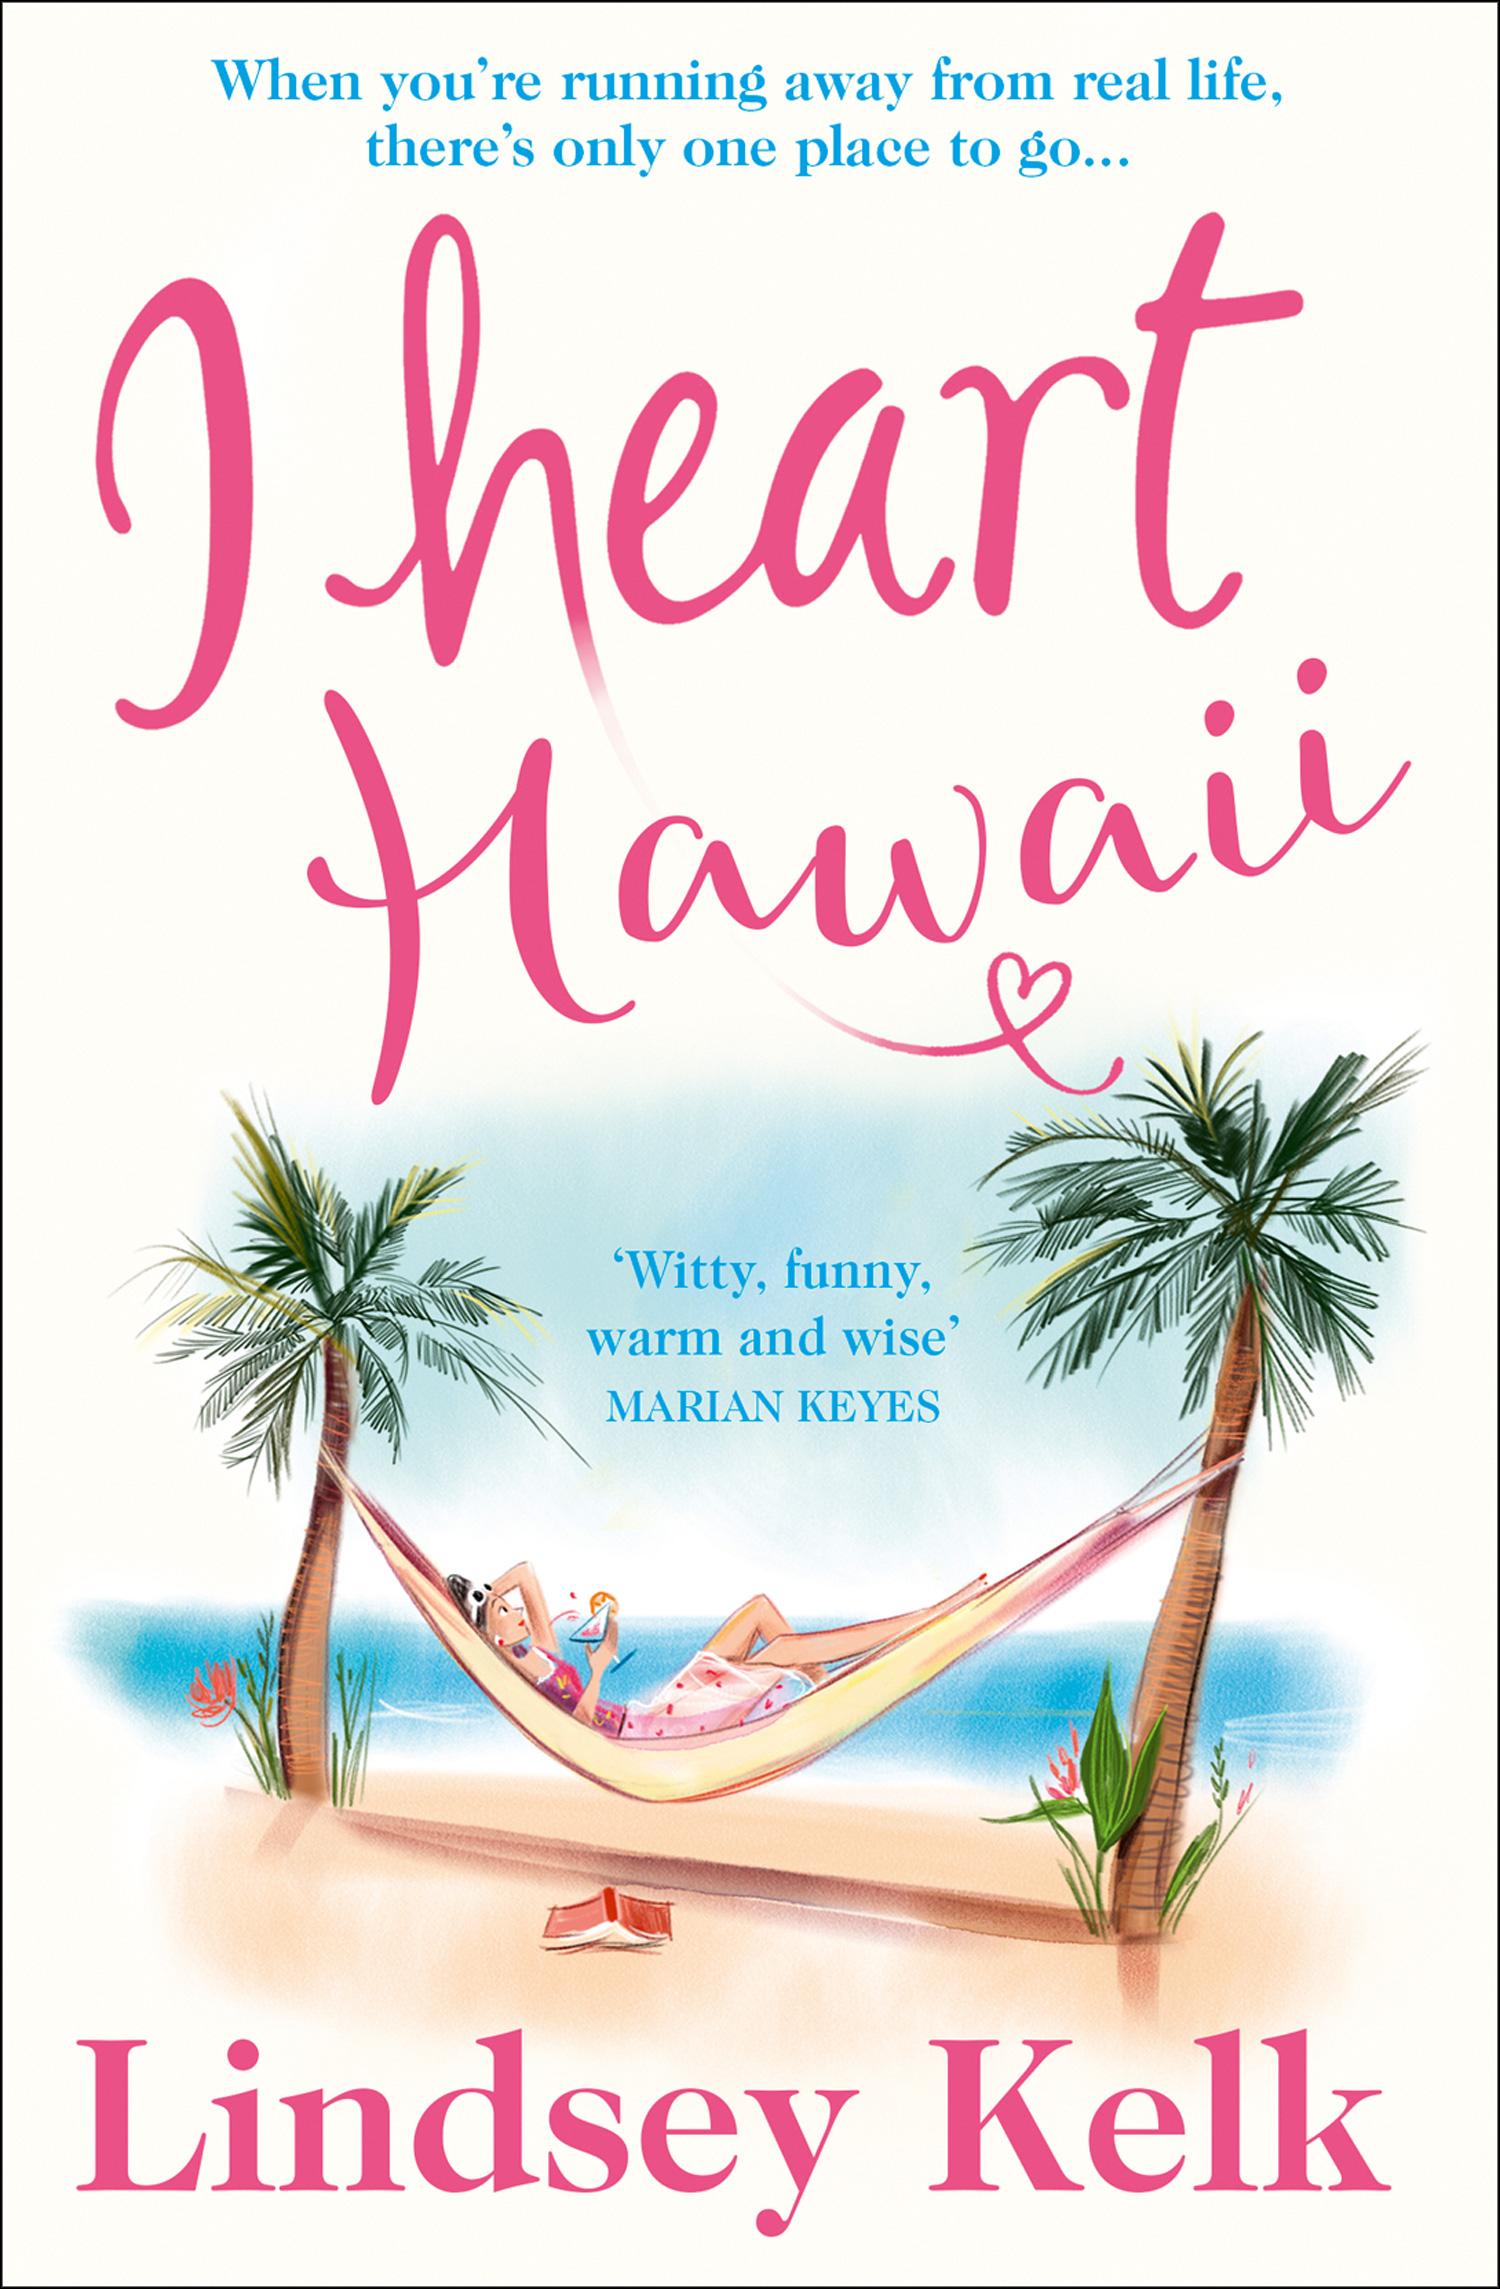 цена на Lindsey Kelk I Heart Hawaii